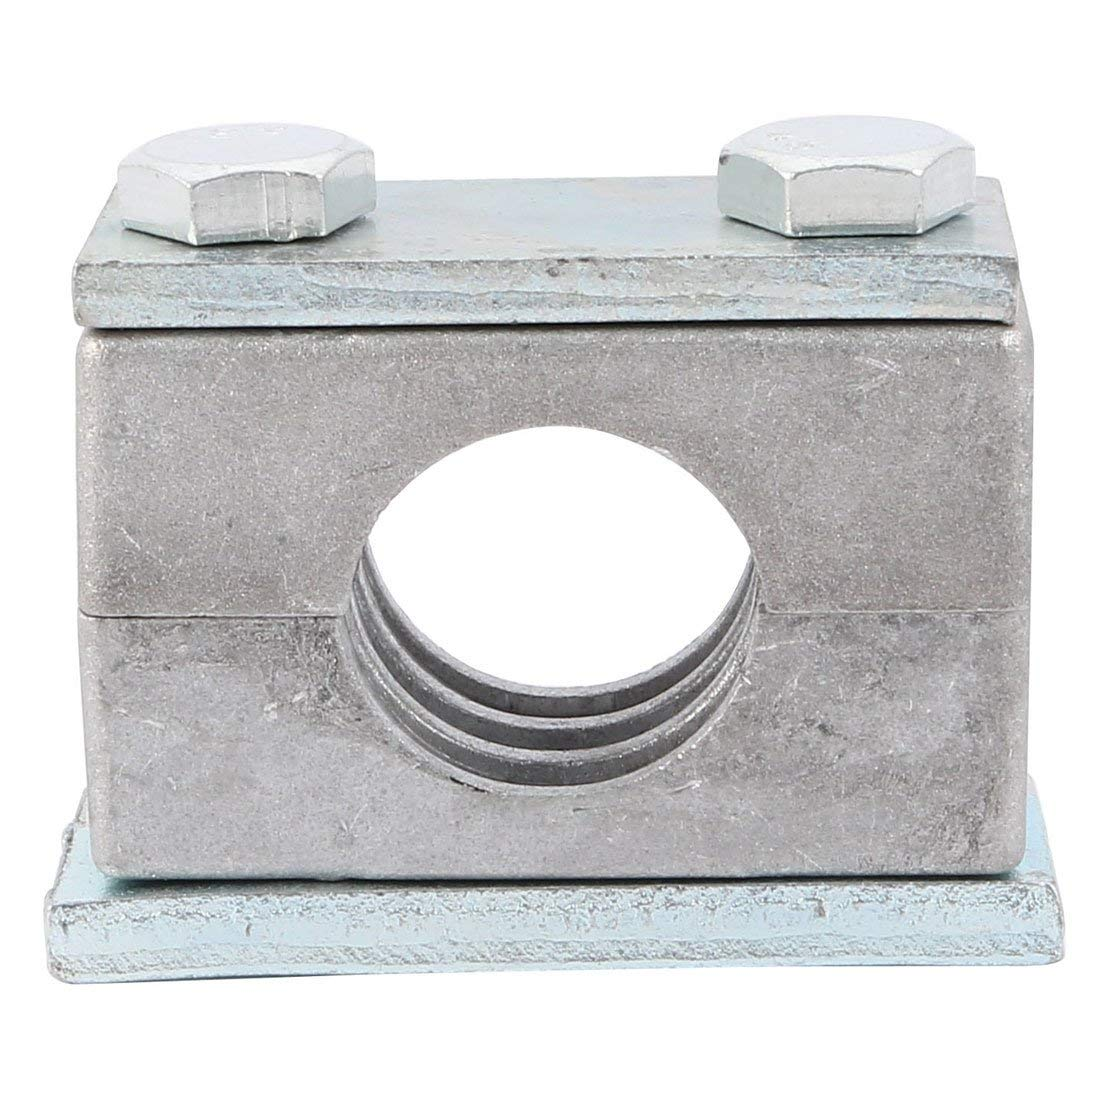 S/érie lourde collier tuyau aluminium assembl/ée unique monter 30mm /Ø Tube